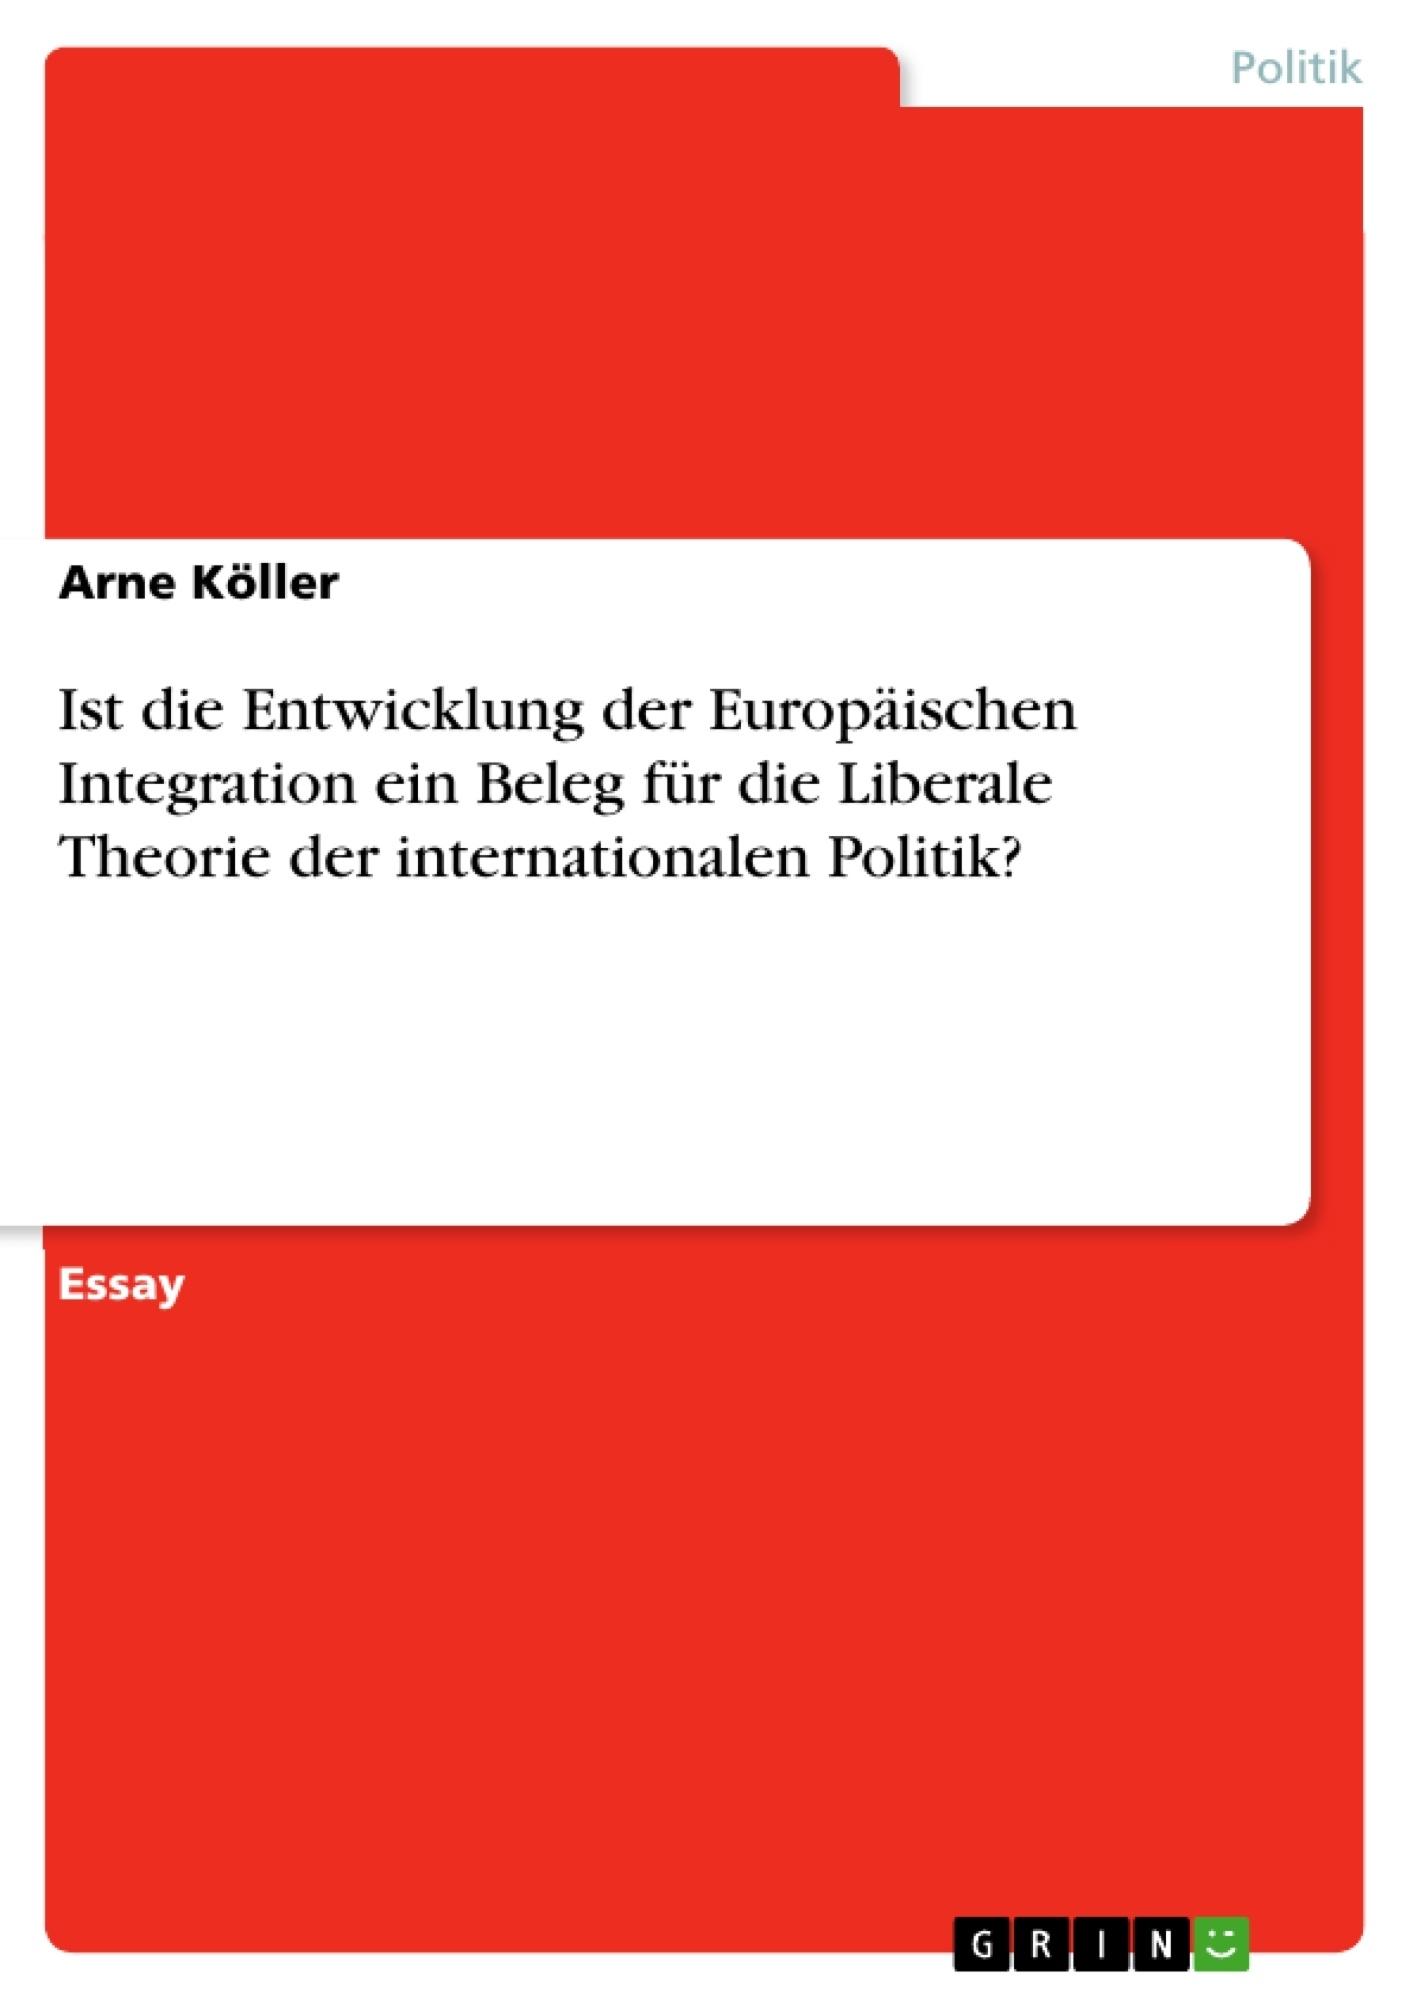 Titel: Ist die Entwicklung der Europäischen Integration ein Beleg für die Liberale Theorie der internationalen Politik?